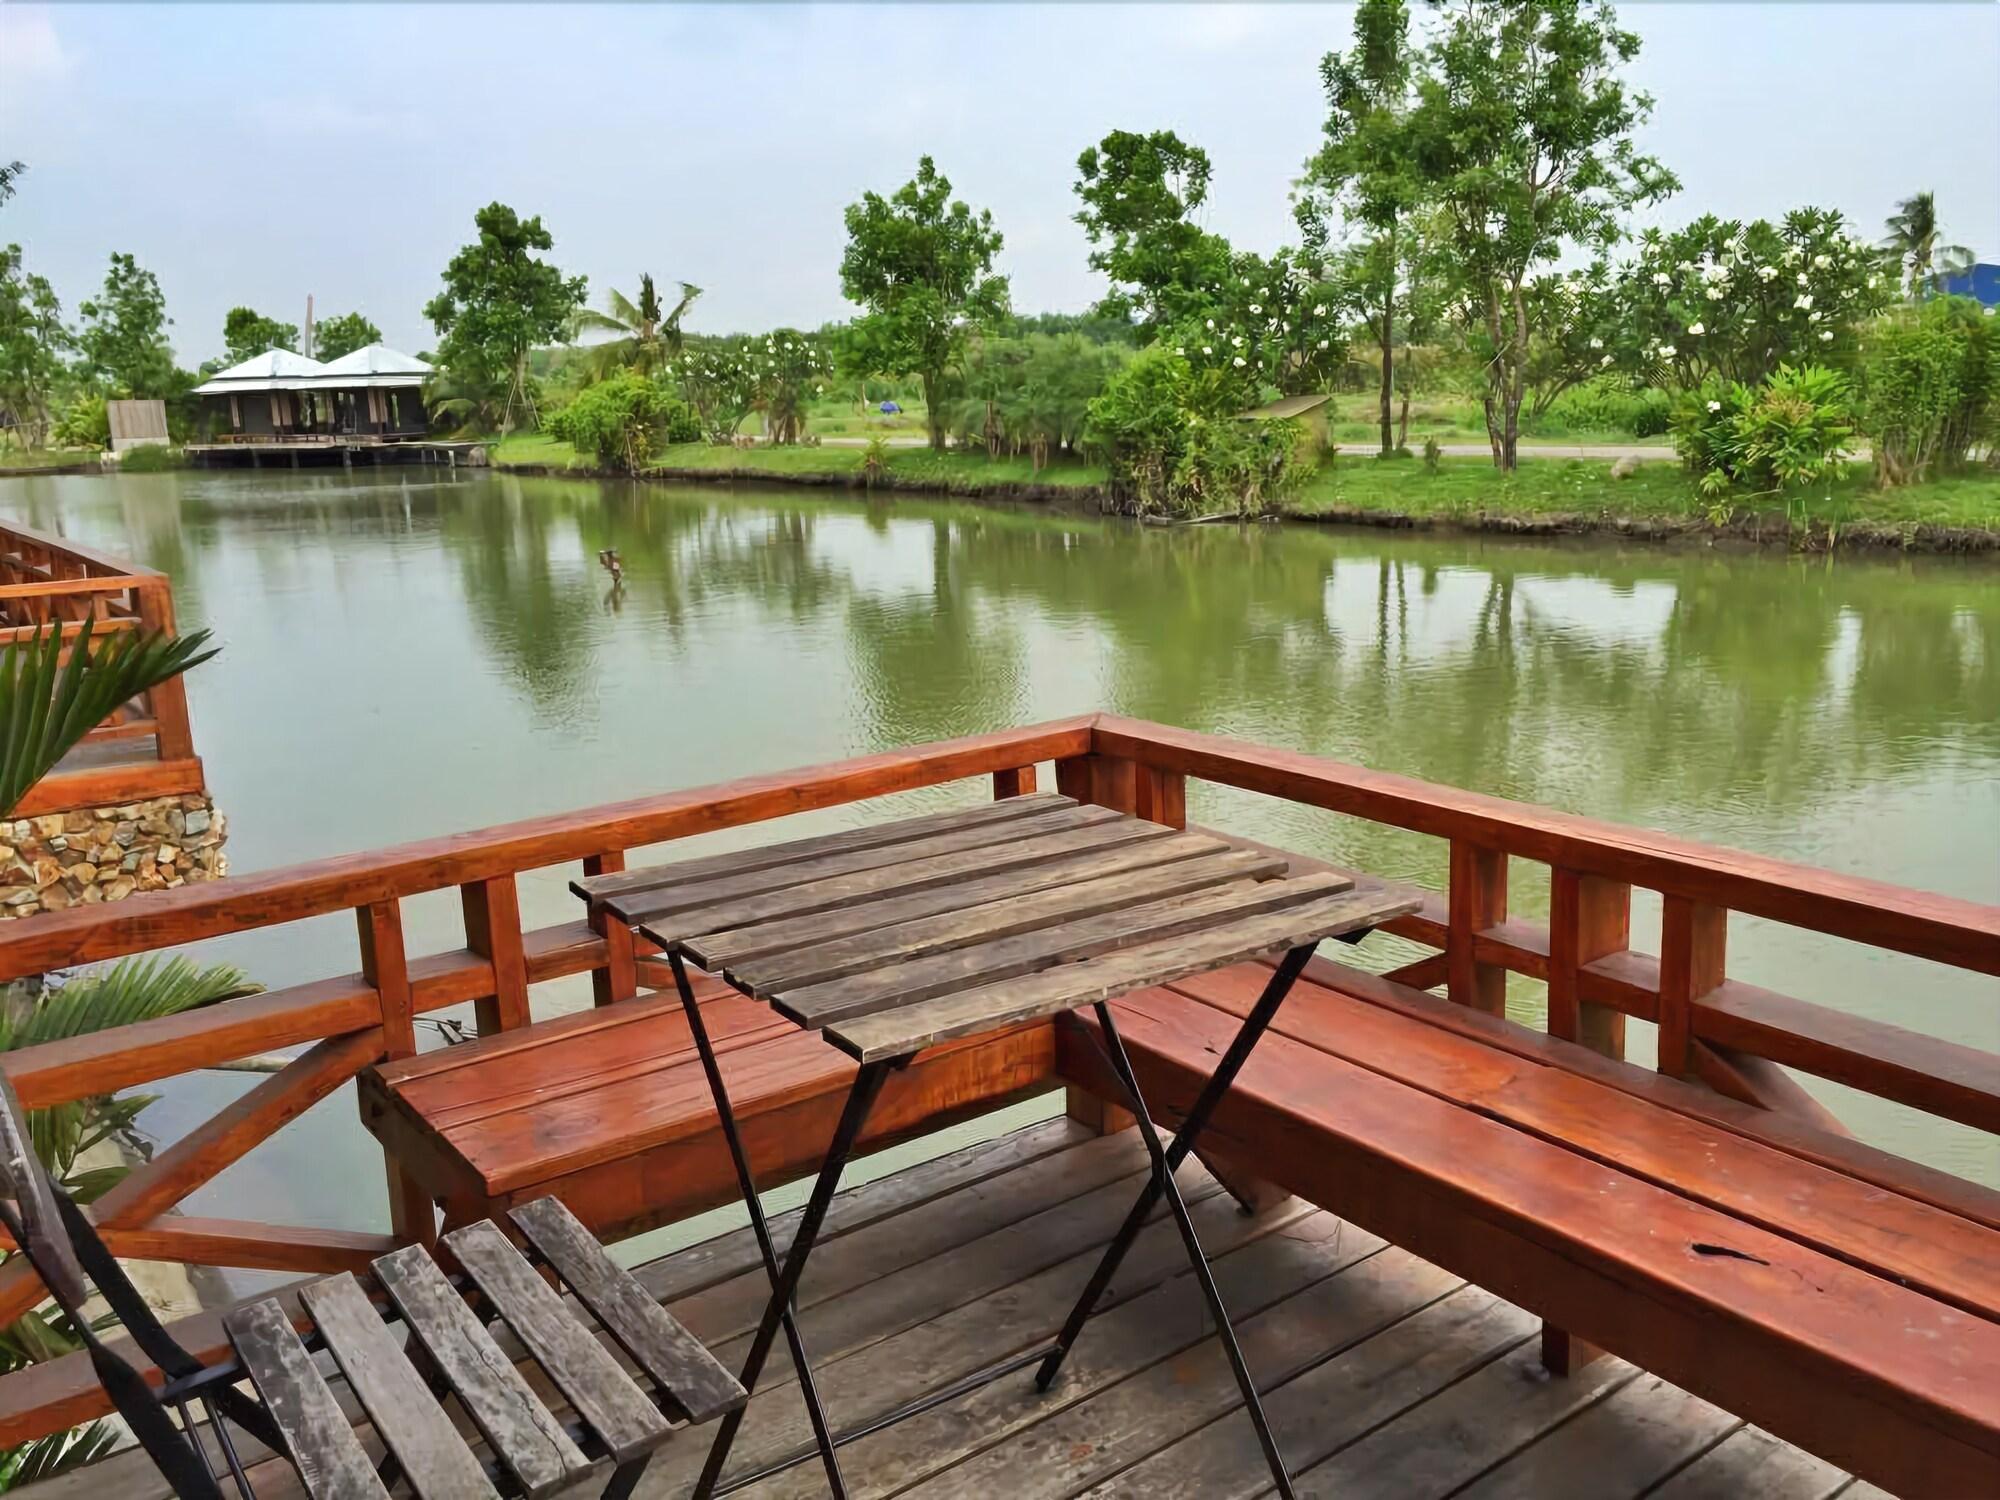 Khun-Nai Garden View Resort, Lat Krabang